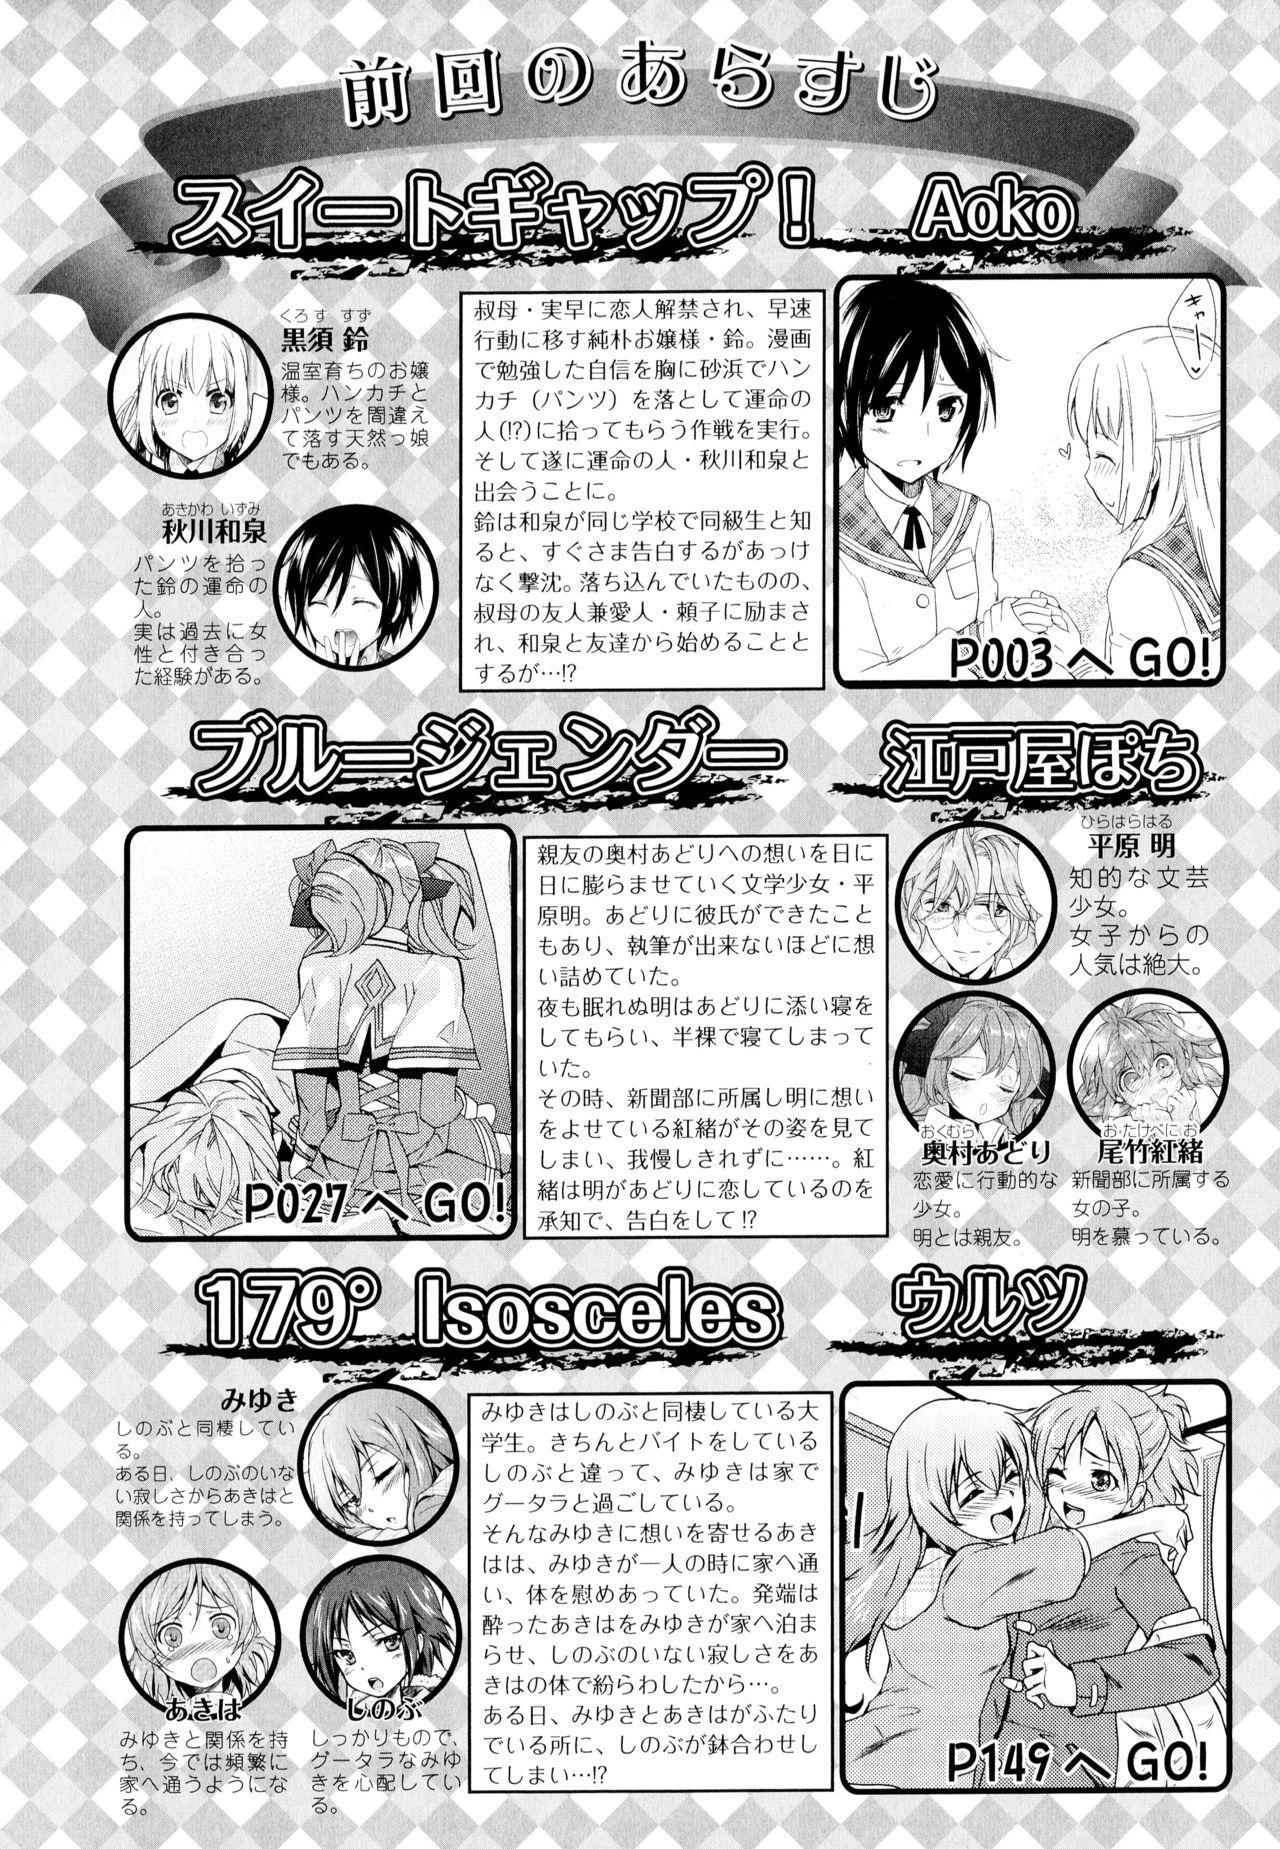 Aya Yuri Vol. 5 3